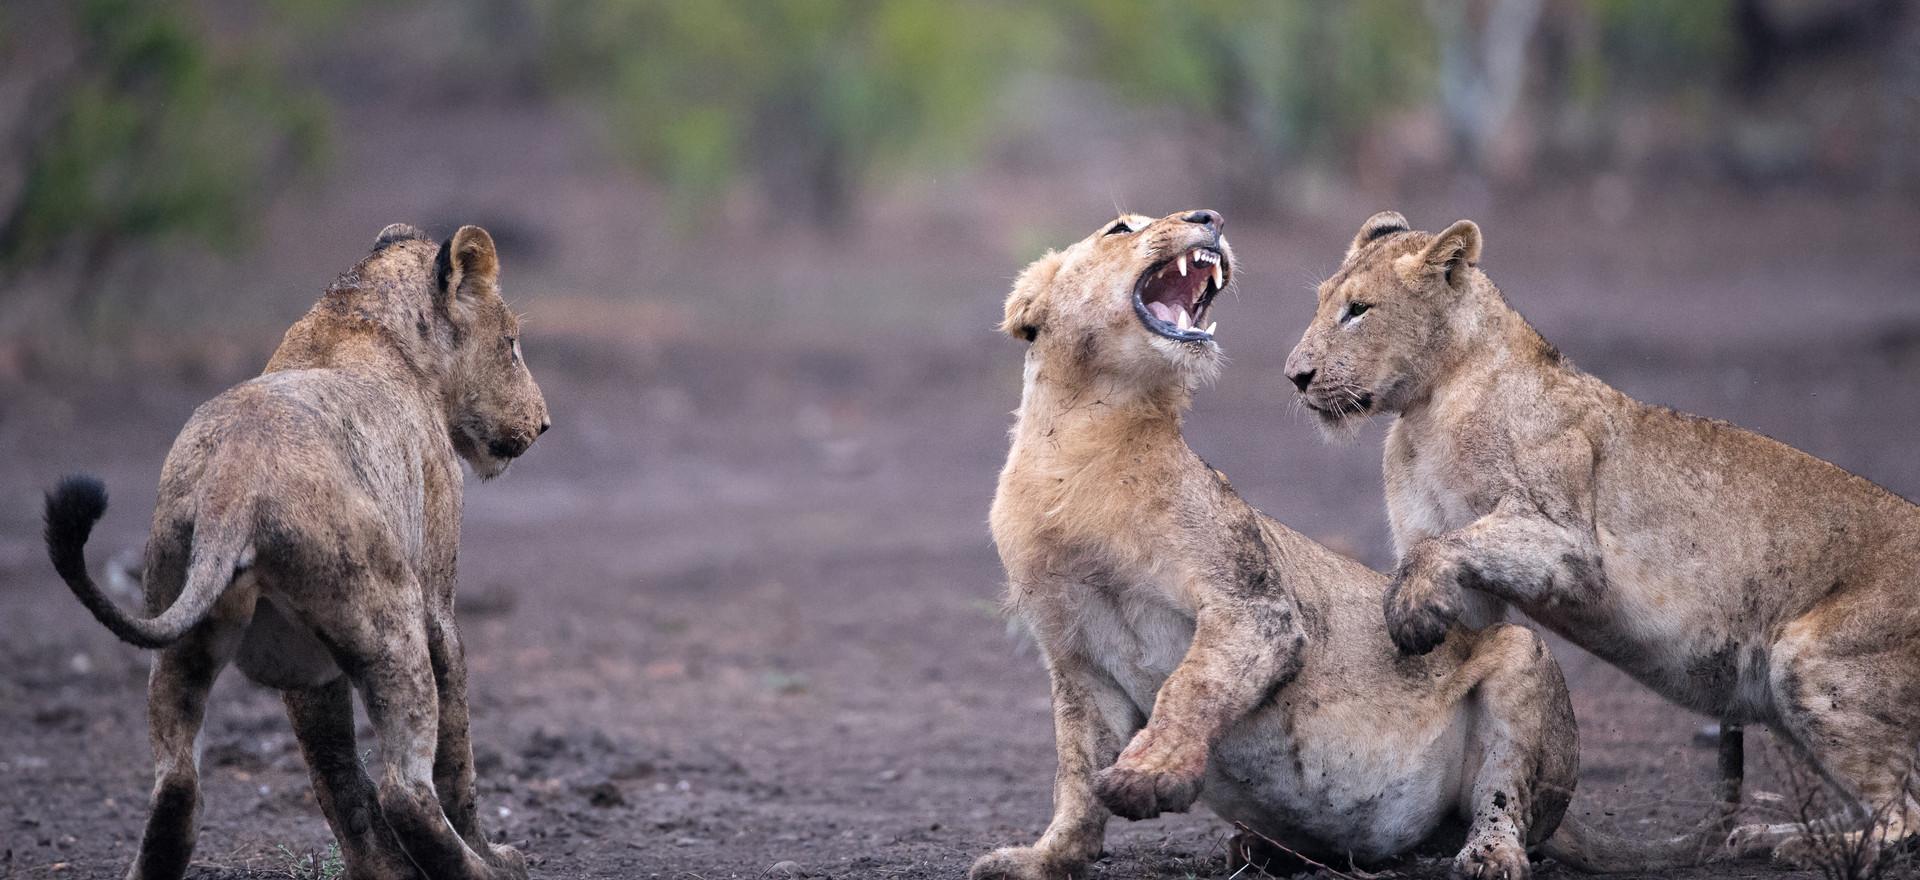 Löwen, Kruger NP, Südafrika